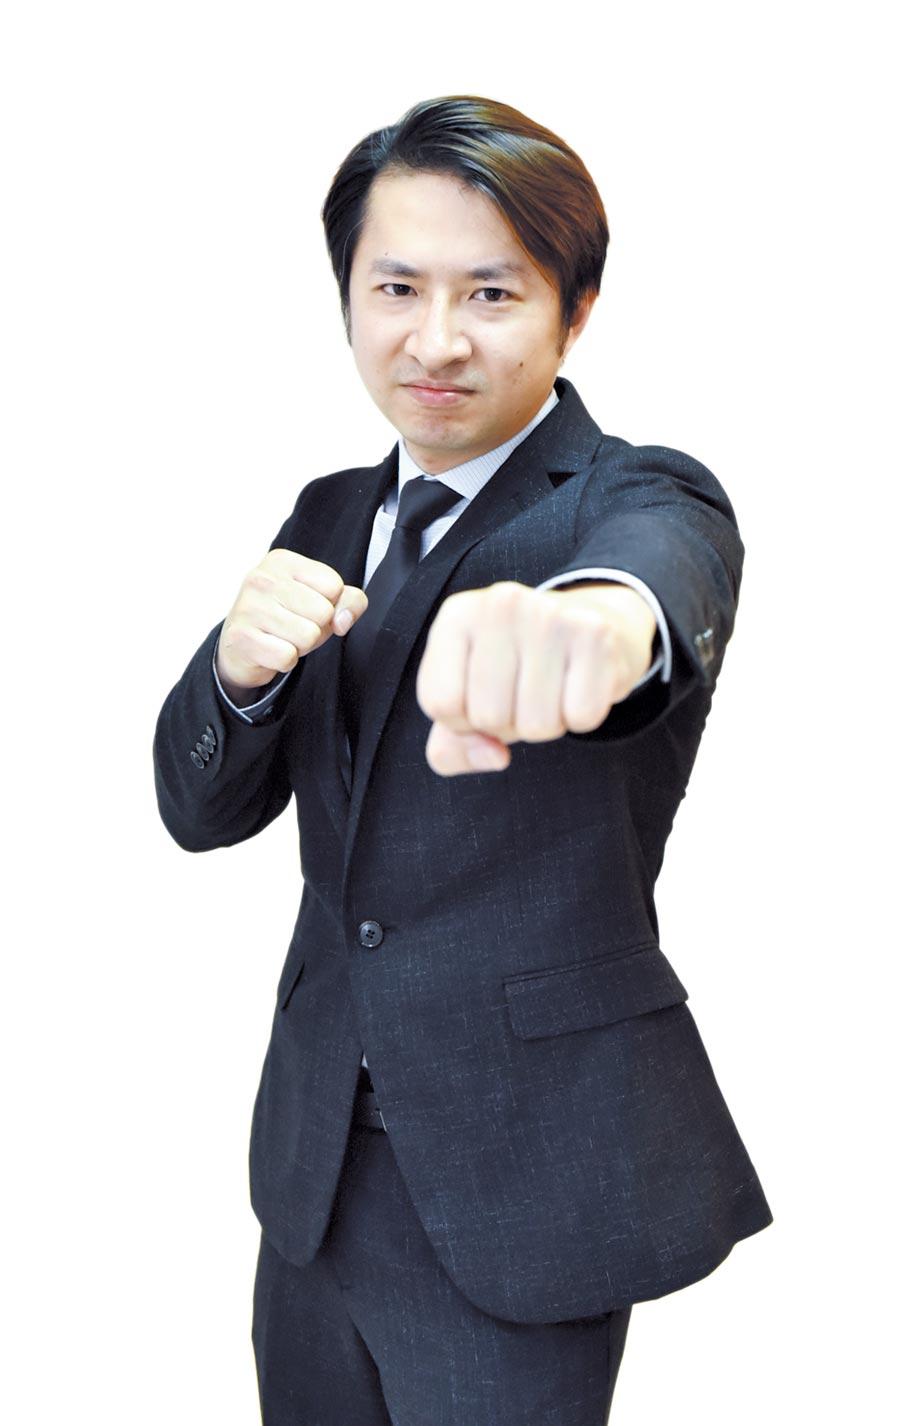 華冠投顧分析師范振鴻